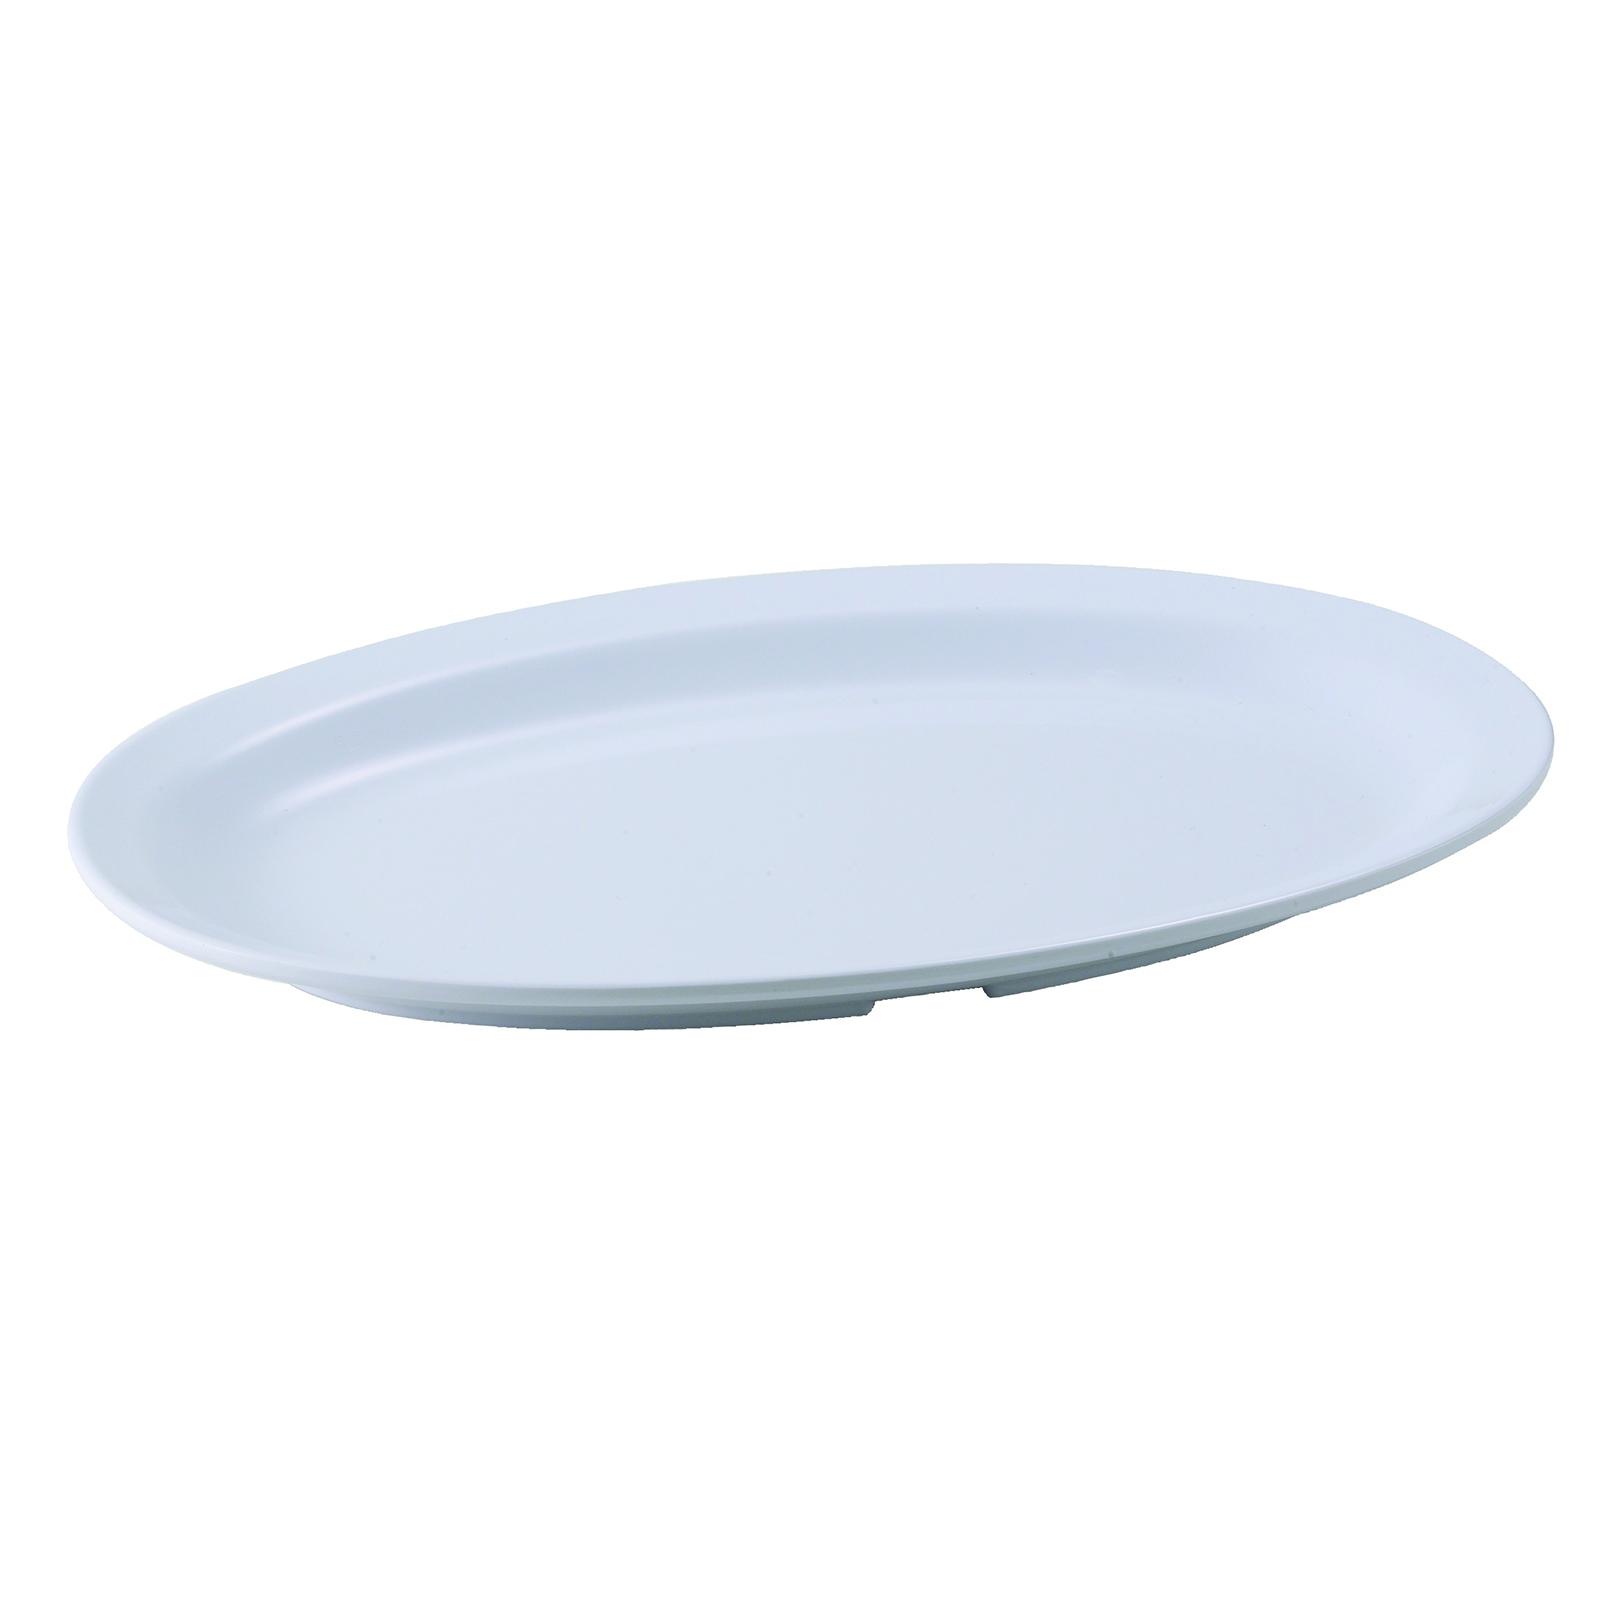 Winco MMPO-138W platter, plastic